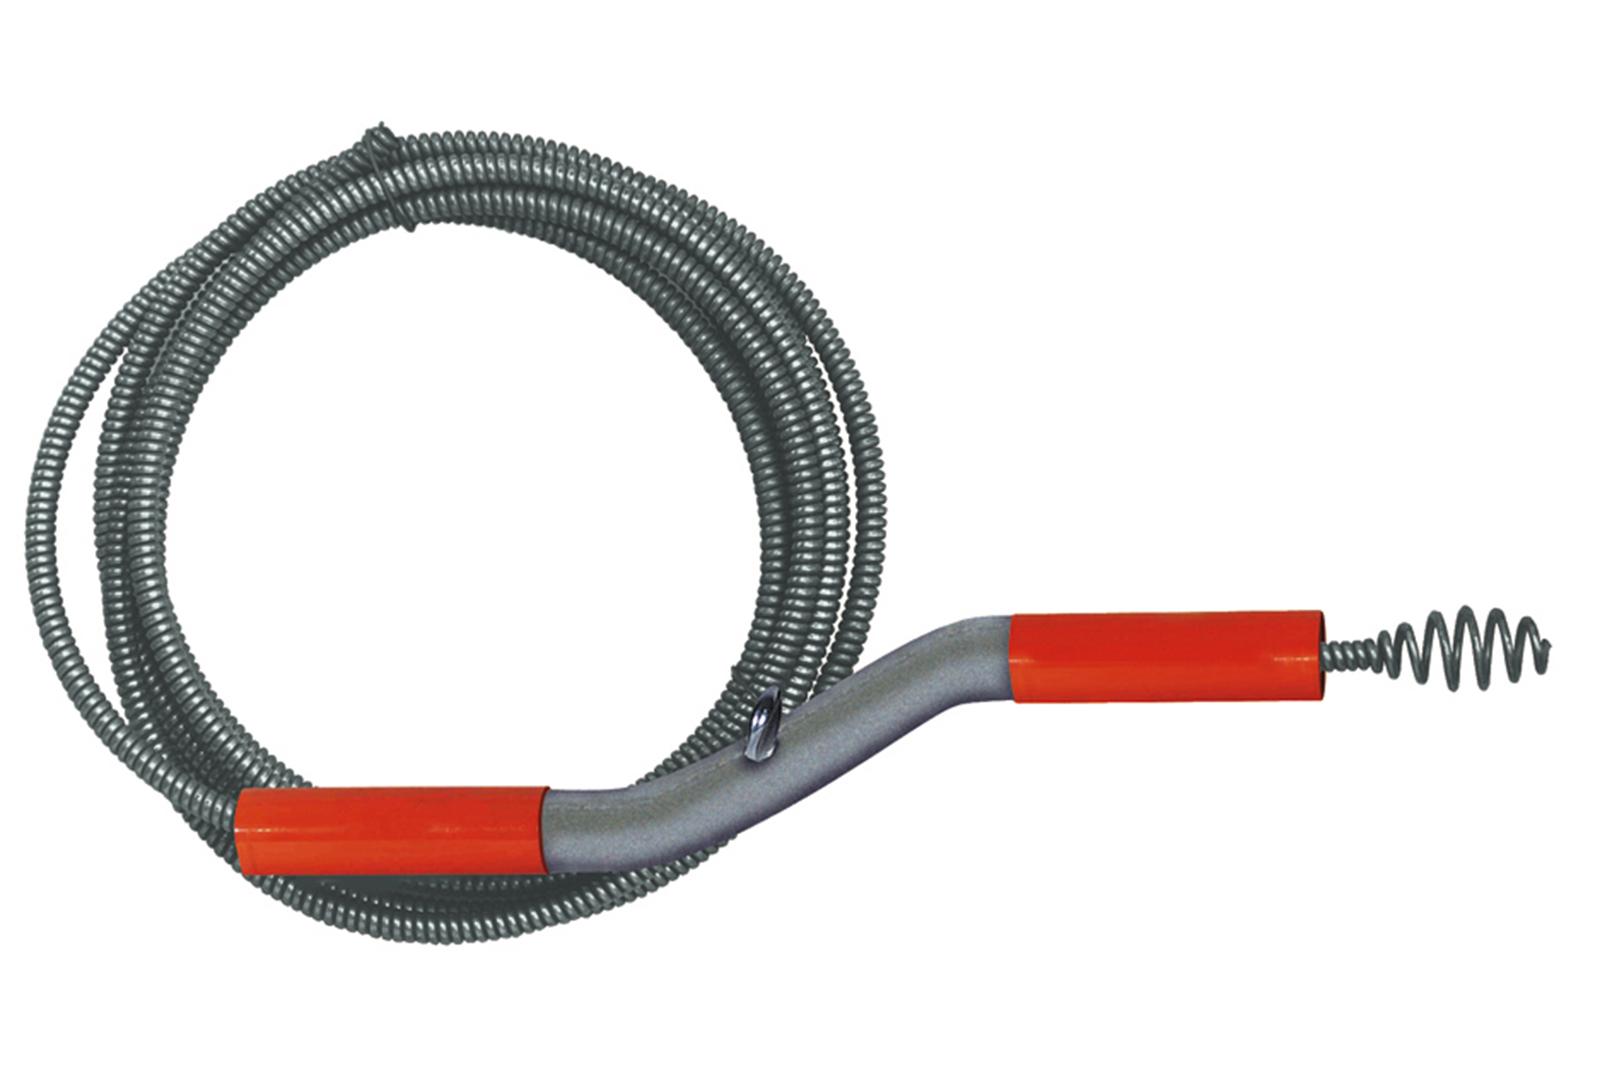 Купить Трос для прочистки General pipe 25fl1-a-dh